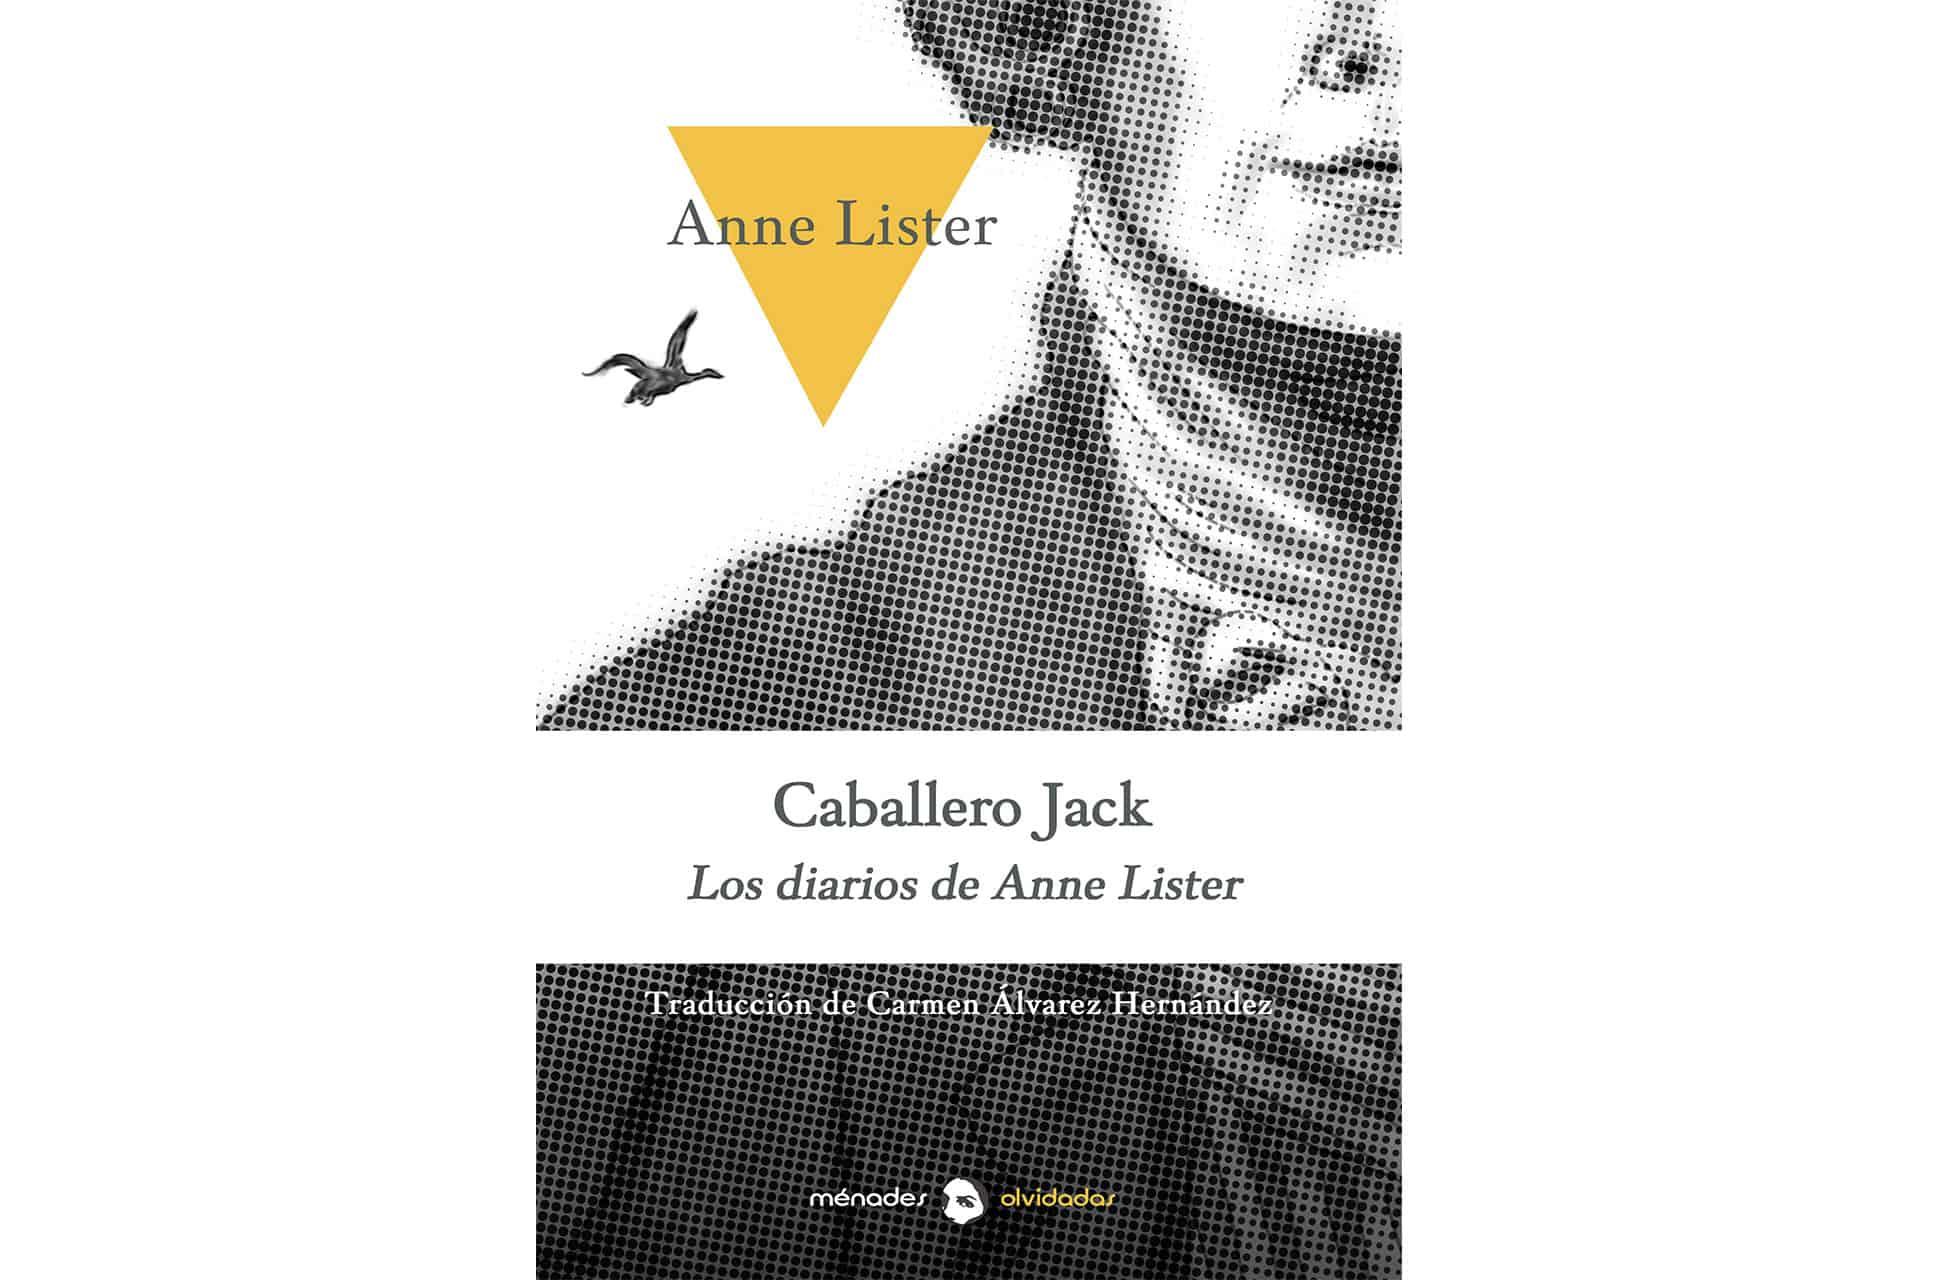 Ocho grandes libros de la literatura LGBTQ caballero-jack-anne-lister